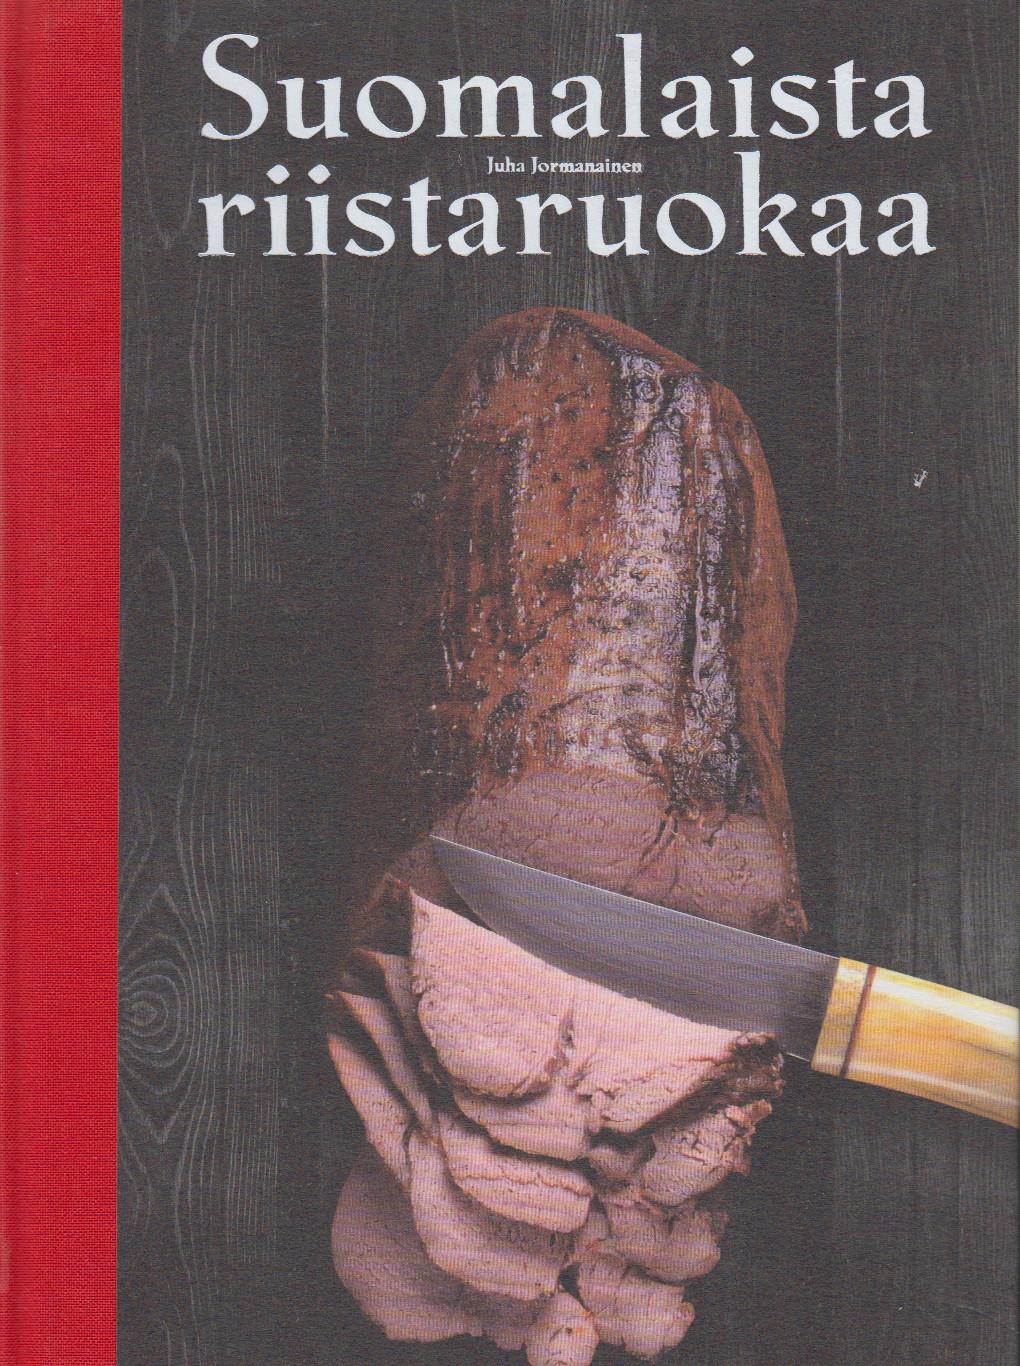 Suomalaista riistaruokaa,Jormanainen Juha